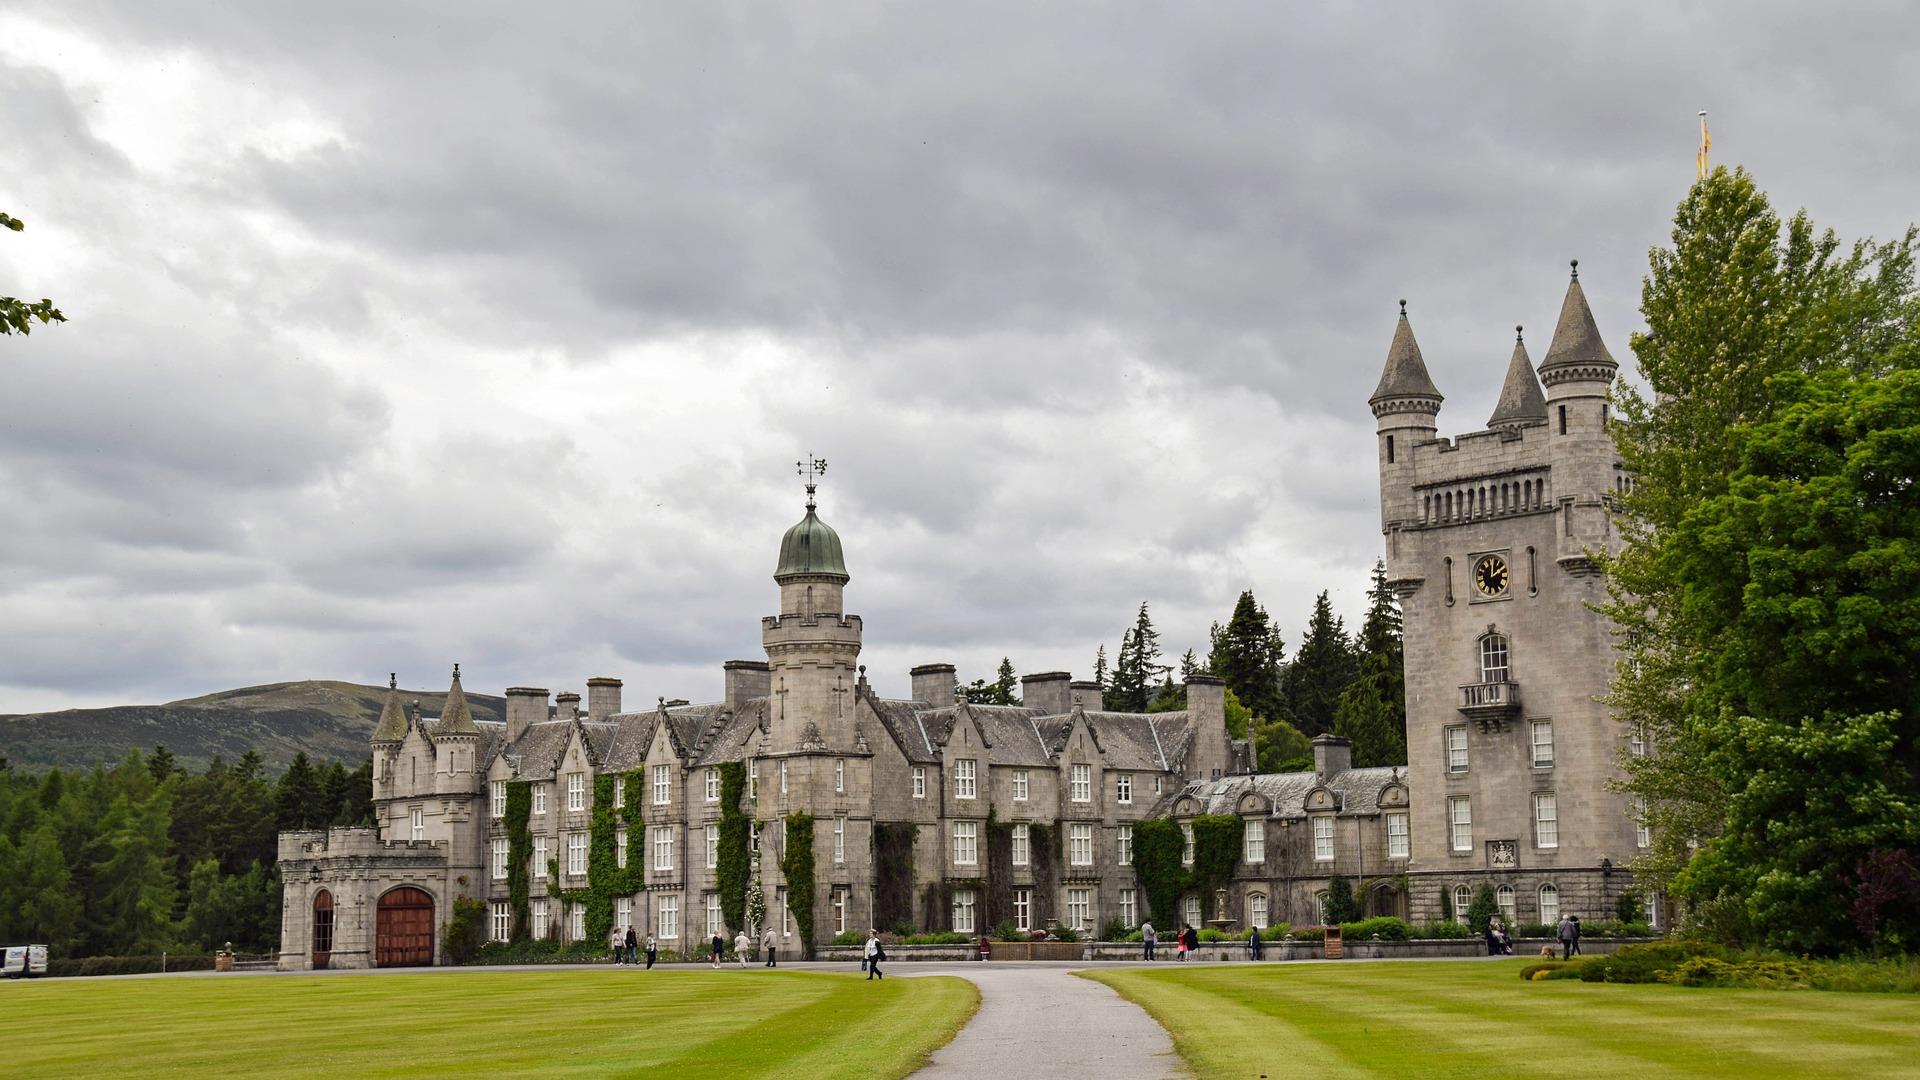 castello-bamoral-scozia